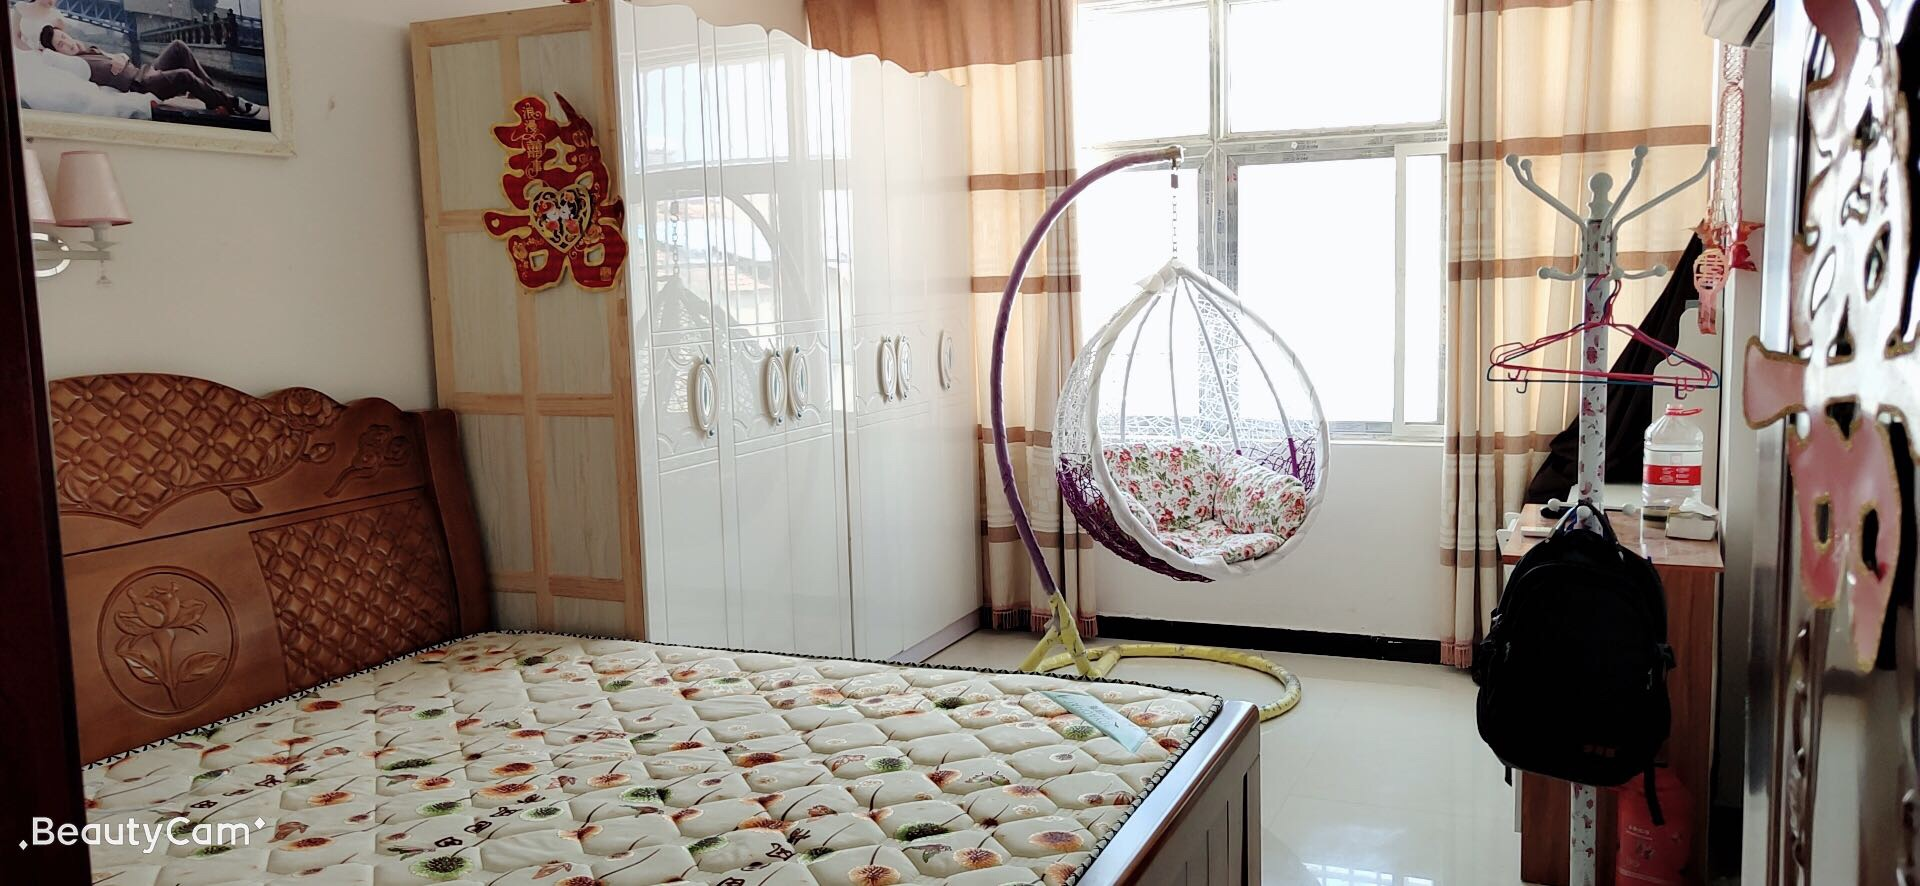 李庄明珠广场转盘2室 1厅 1卫16万元